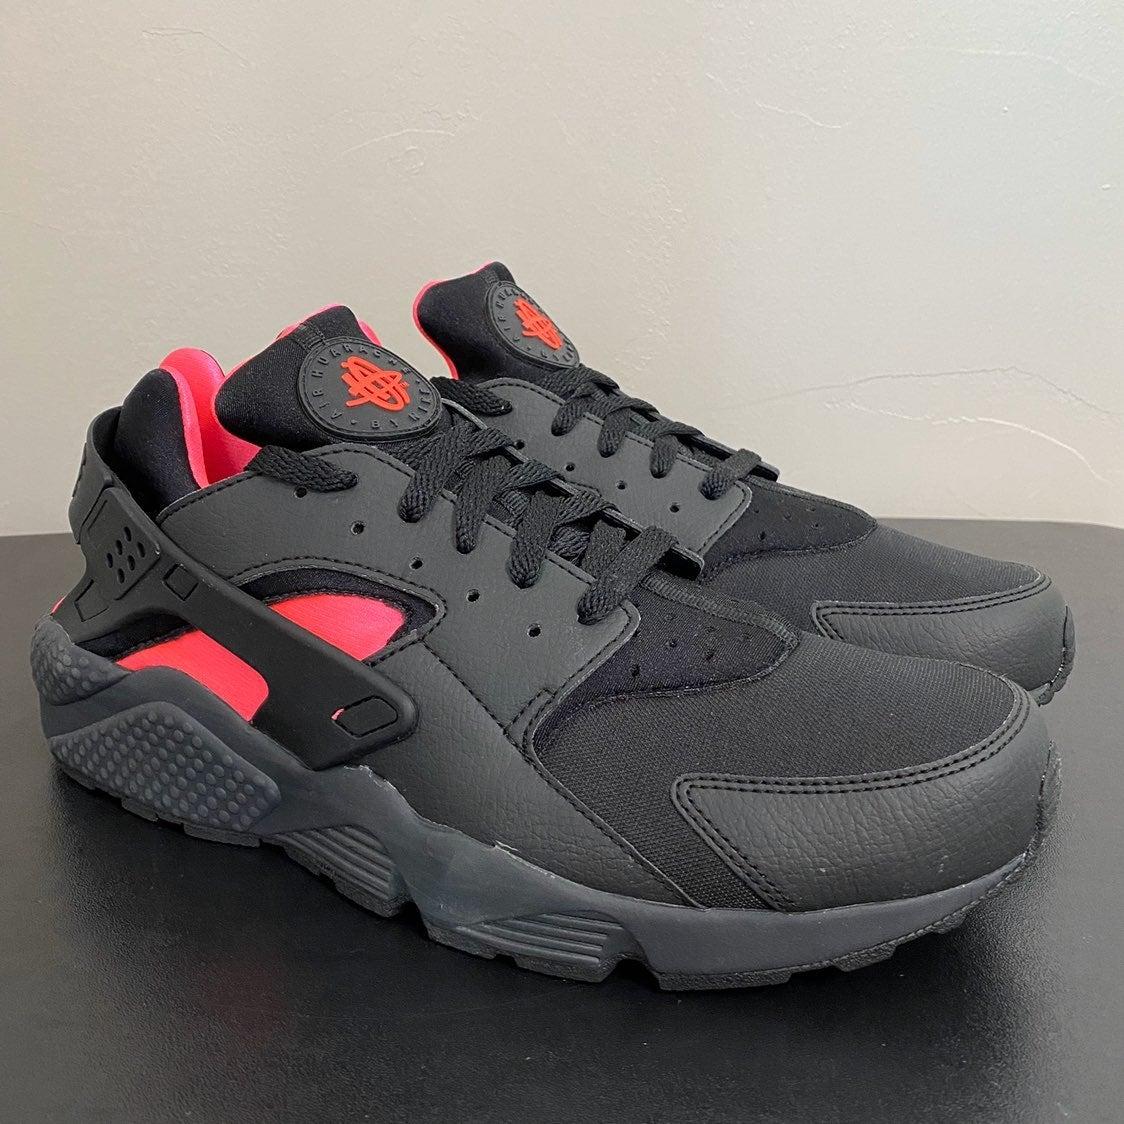 NEW Nike Air Huarache Coral Black